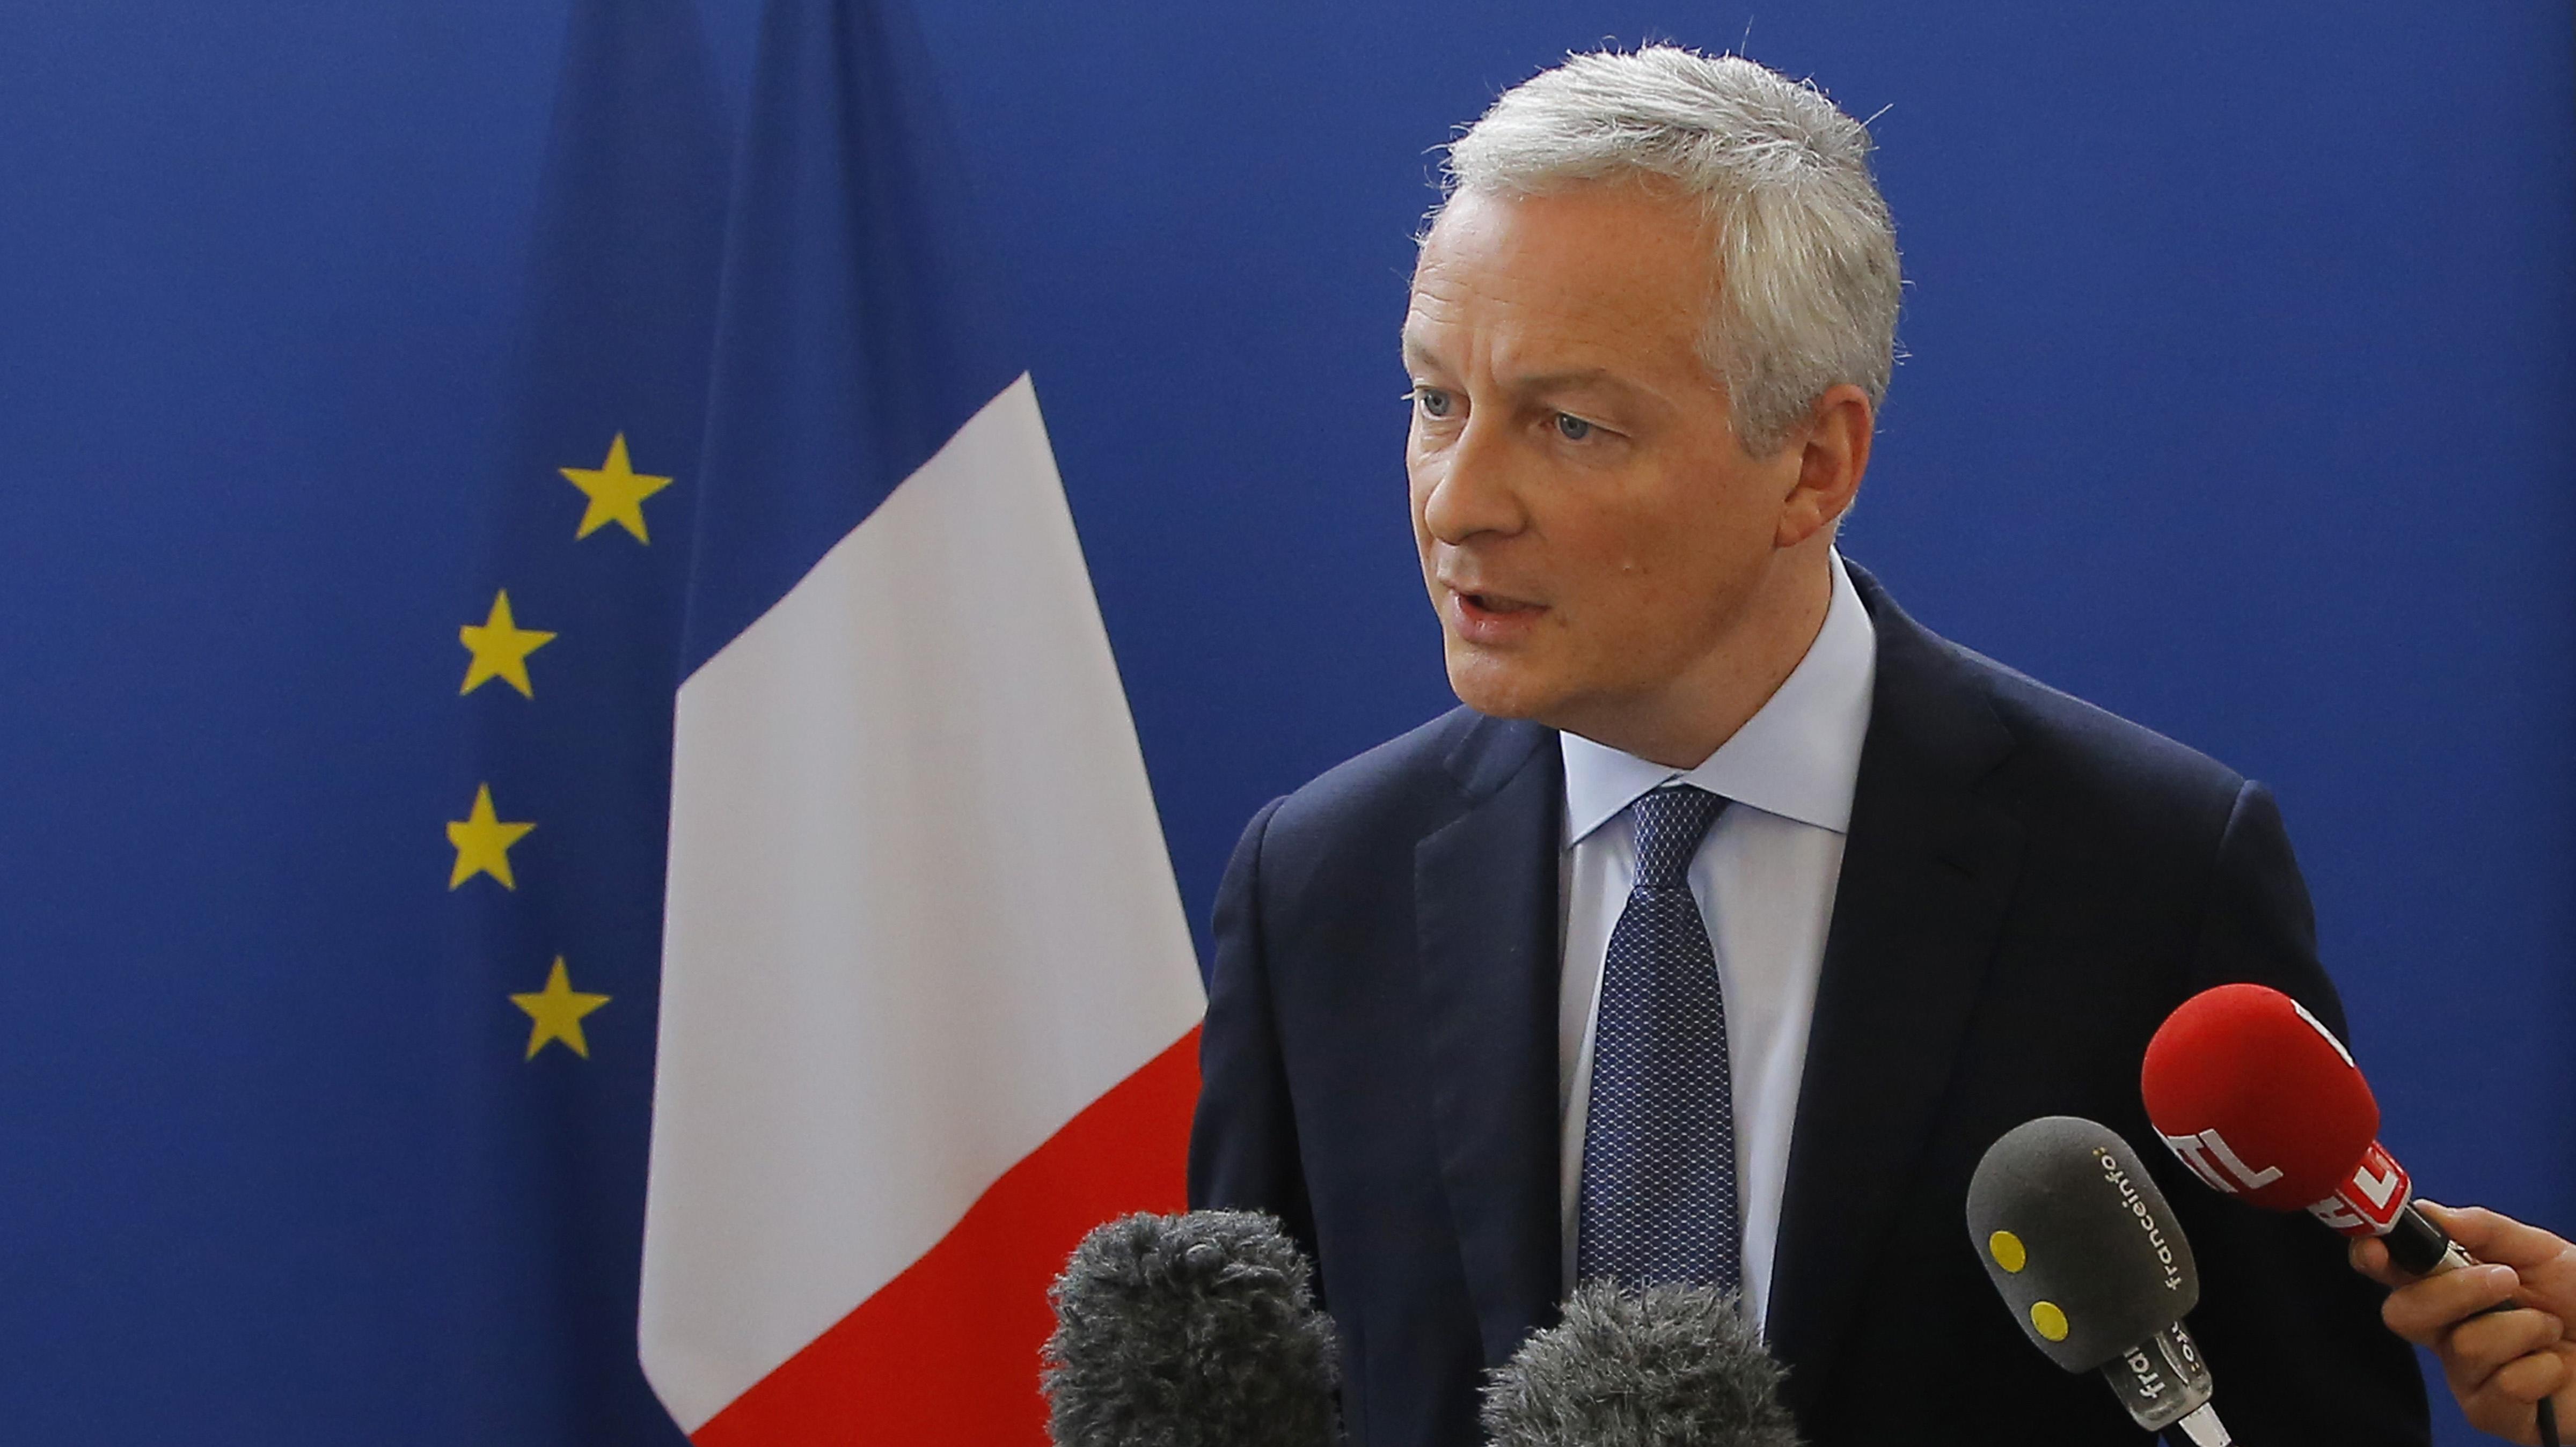 Francia desmiente que hayan bajado a dos candidatos de la lista de aspirantes para presidir el FMI